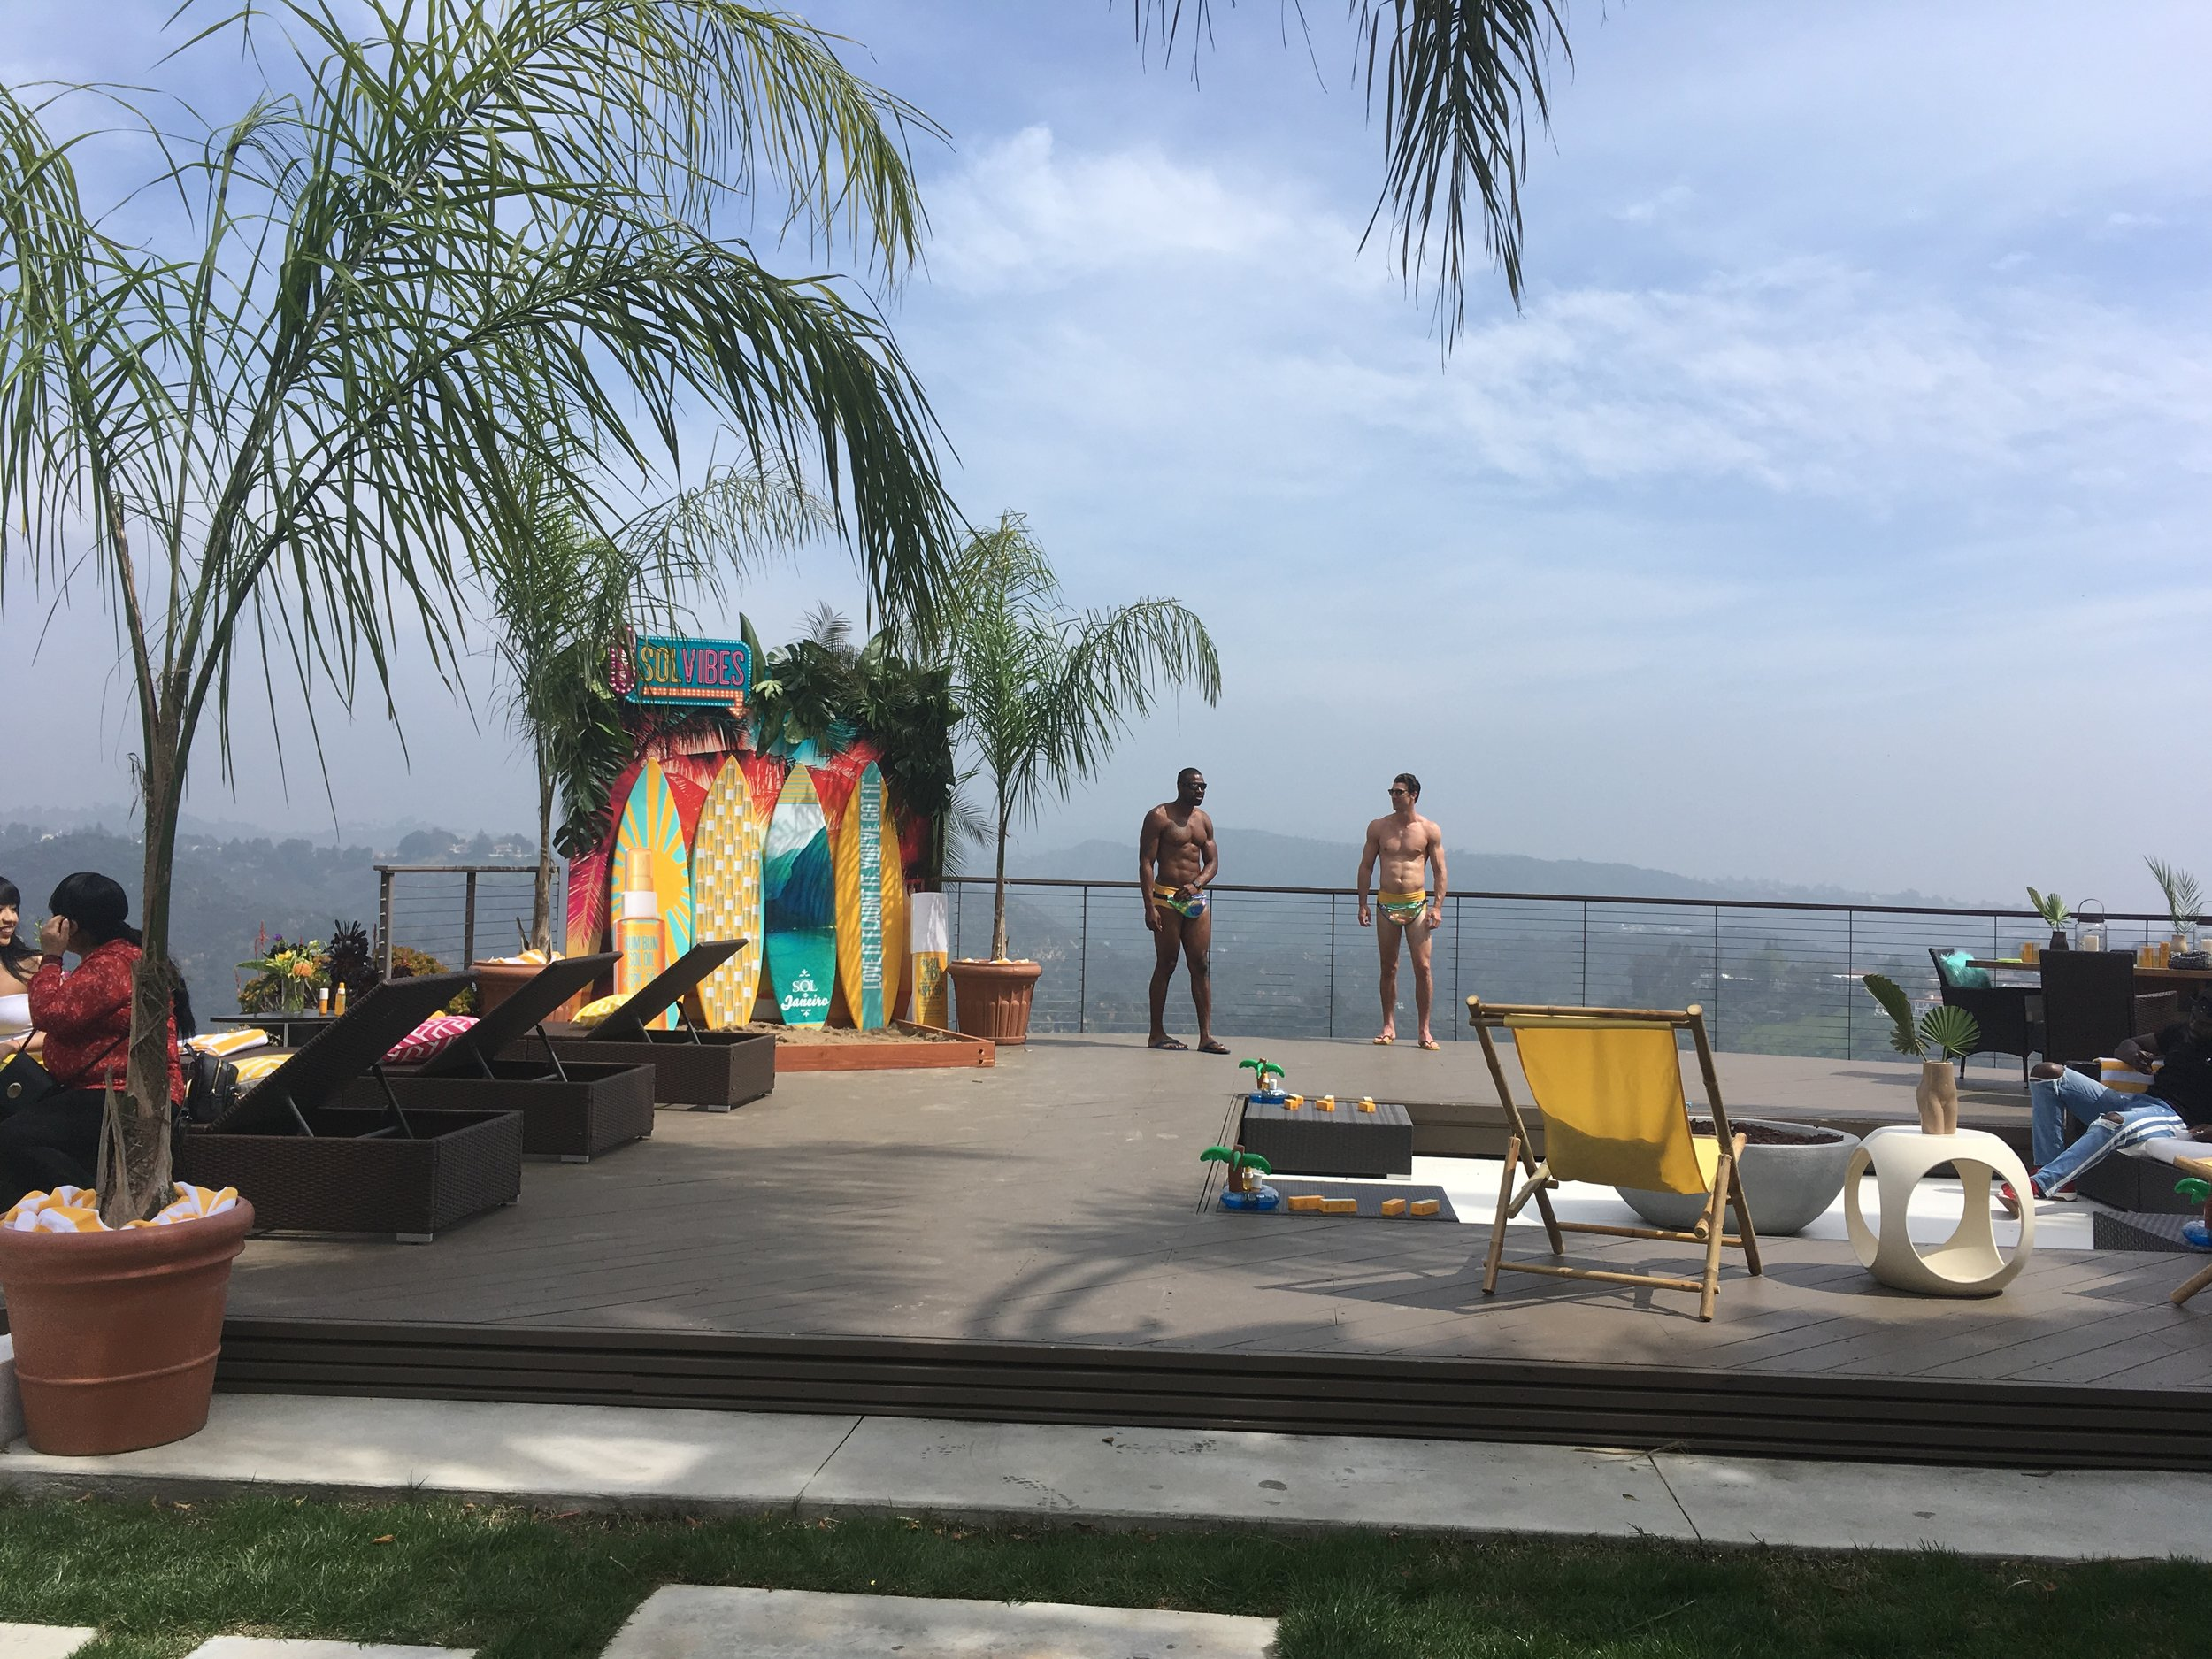 sol-de-janeiro-event-surf-sun-rooftop